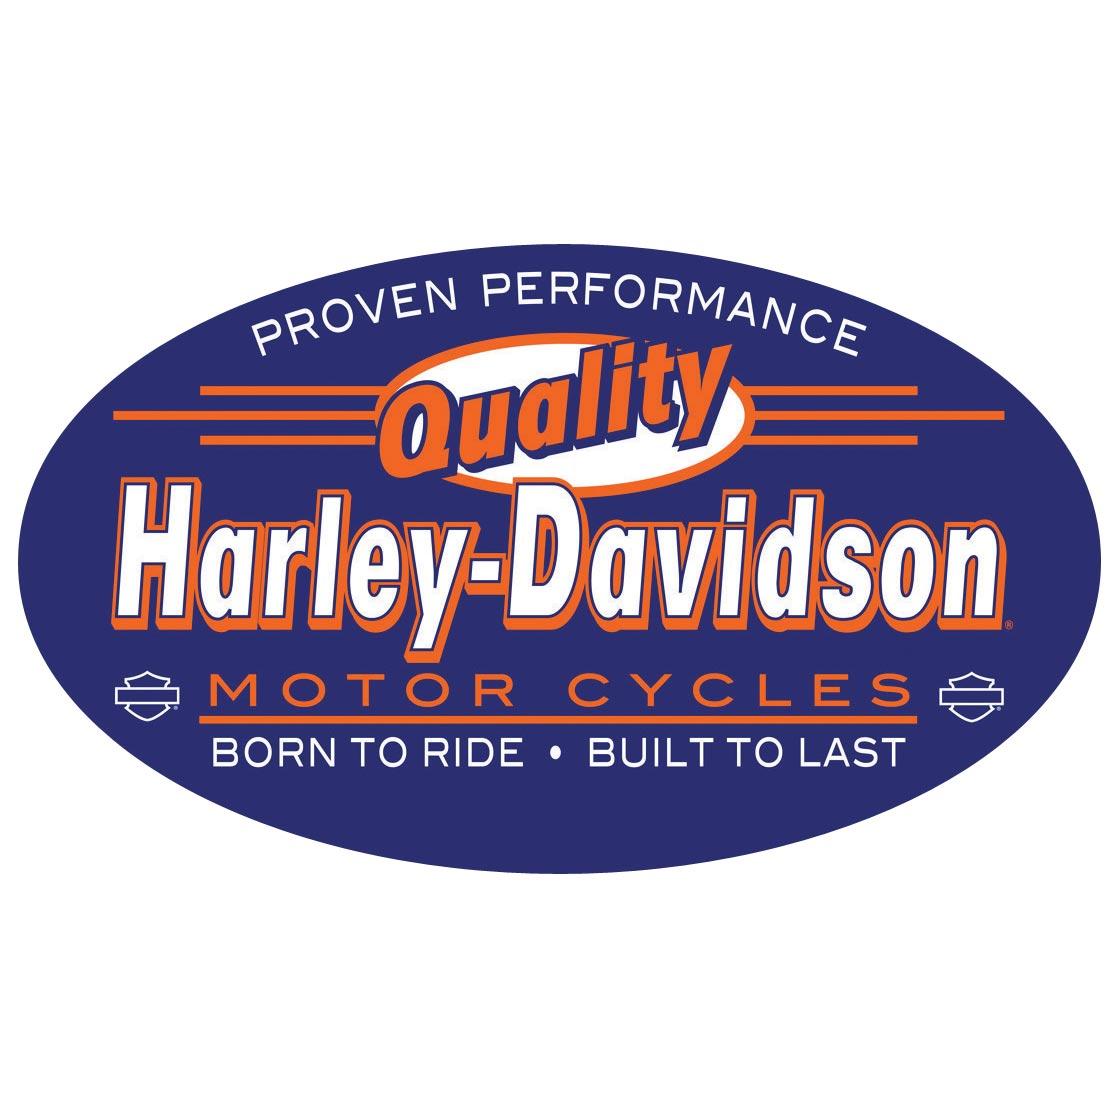 2015 harley davidson catalog online